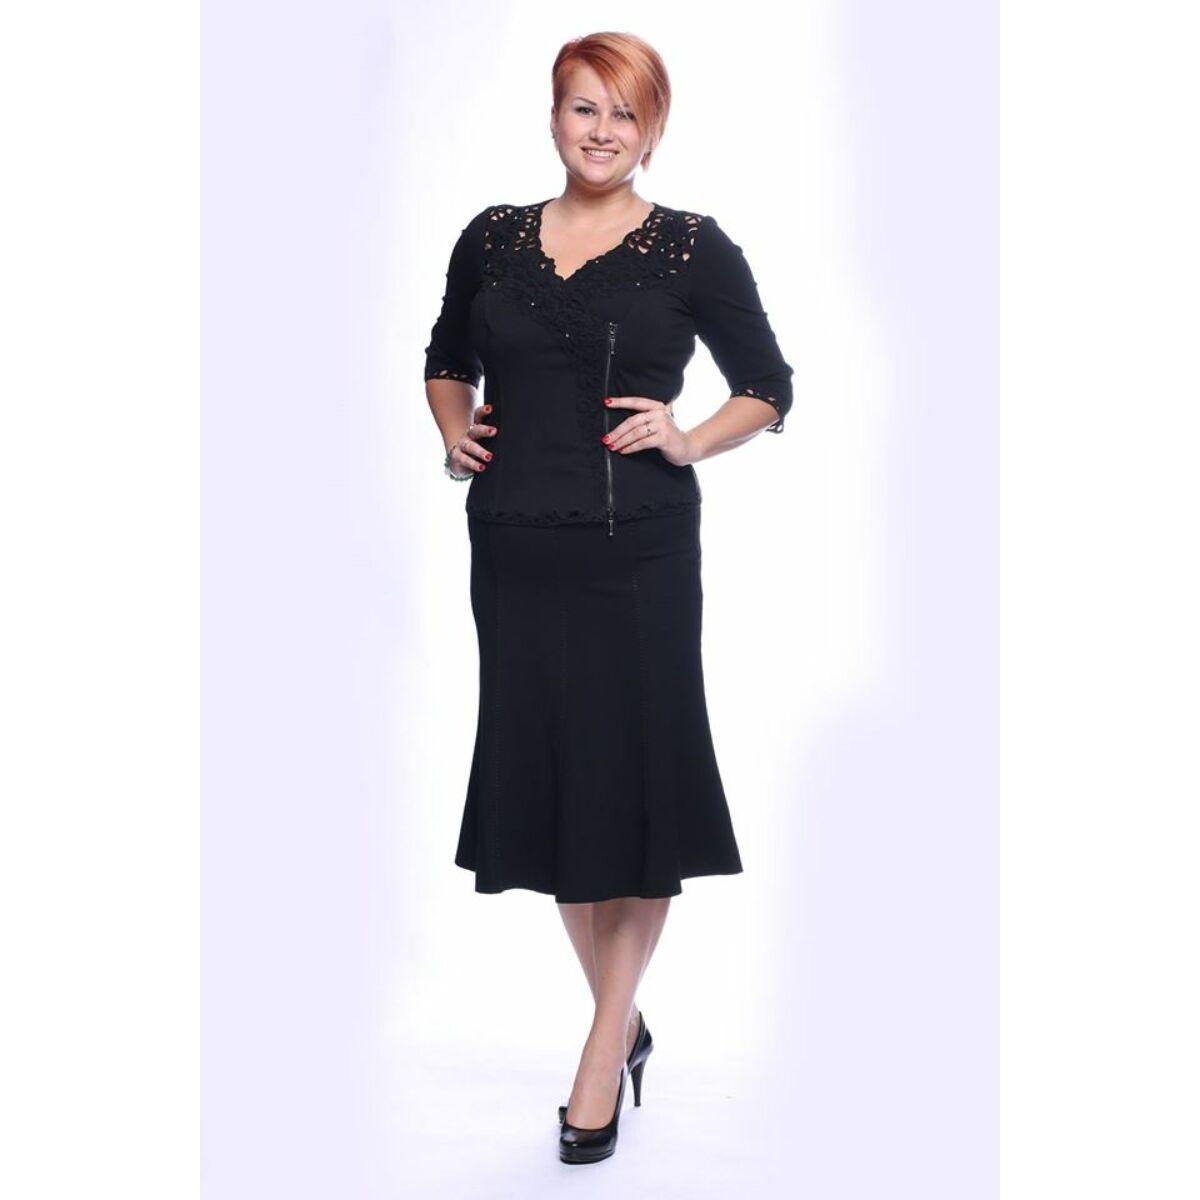 Lizi szoknya - nagyméretű Lafei-Nier fekete harangszoknya